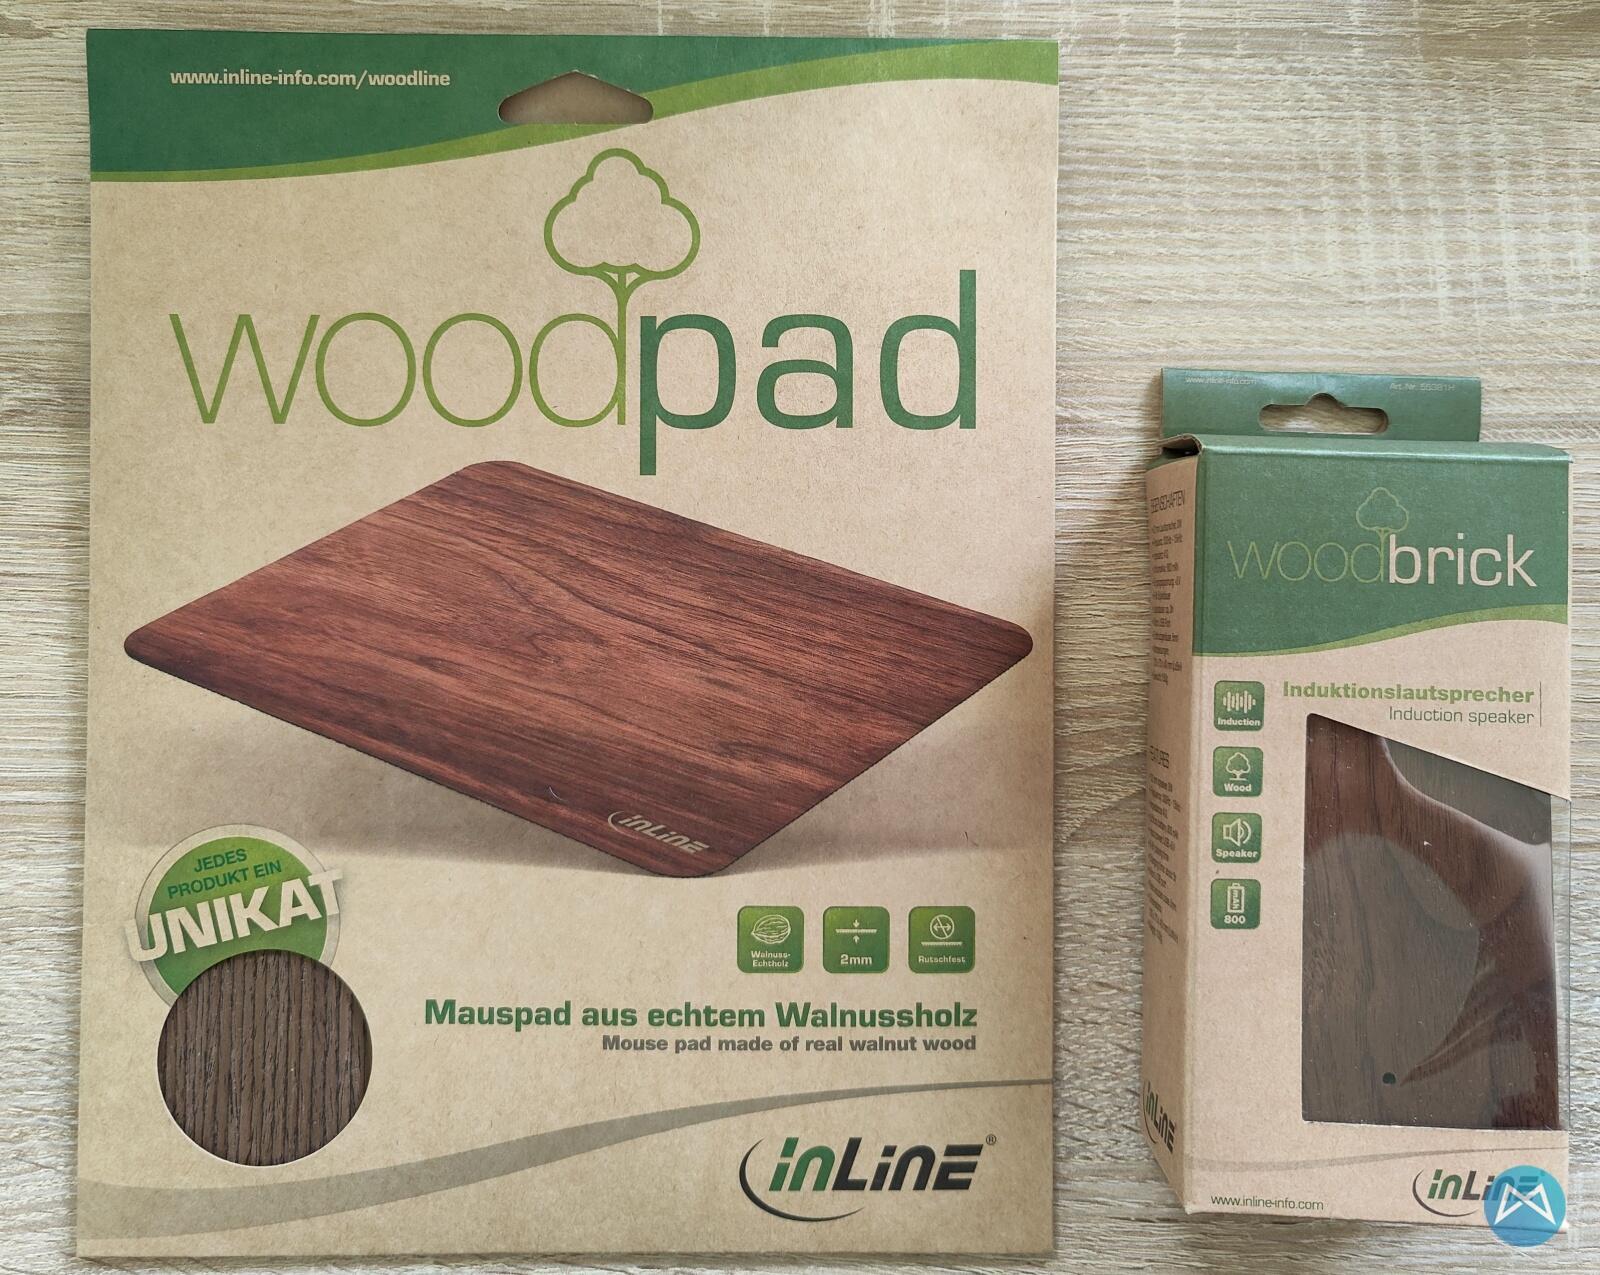 Inline Woodpad Und Woodbrick